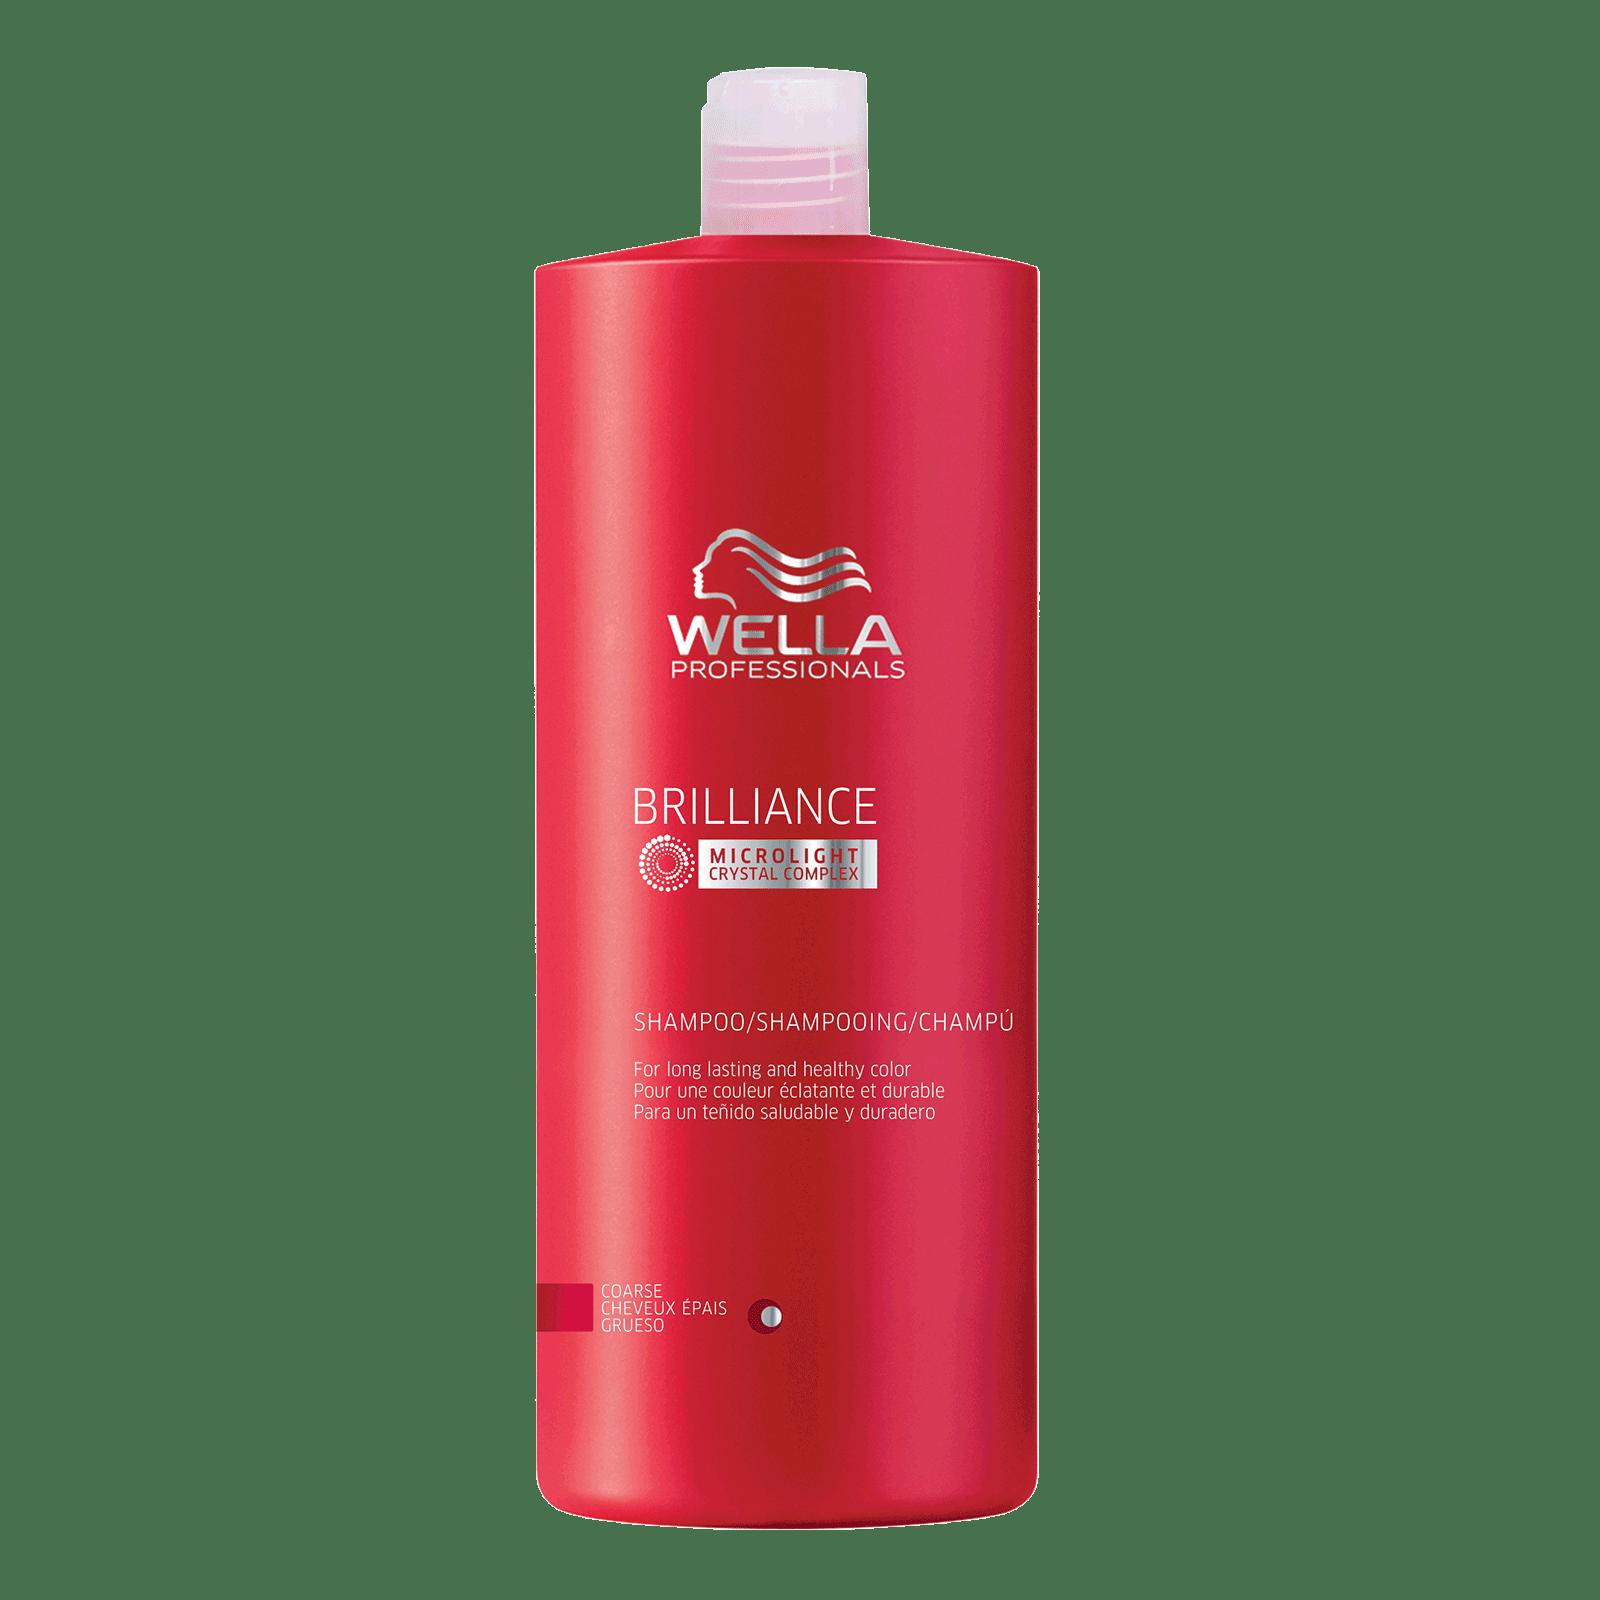 Brilliance Shampoo For Coarse Colored Hair - Wella | CosmoProf